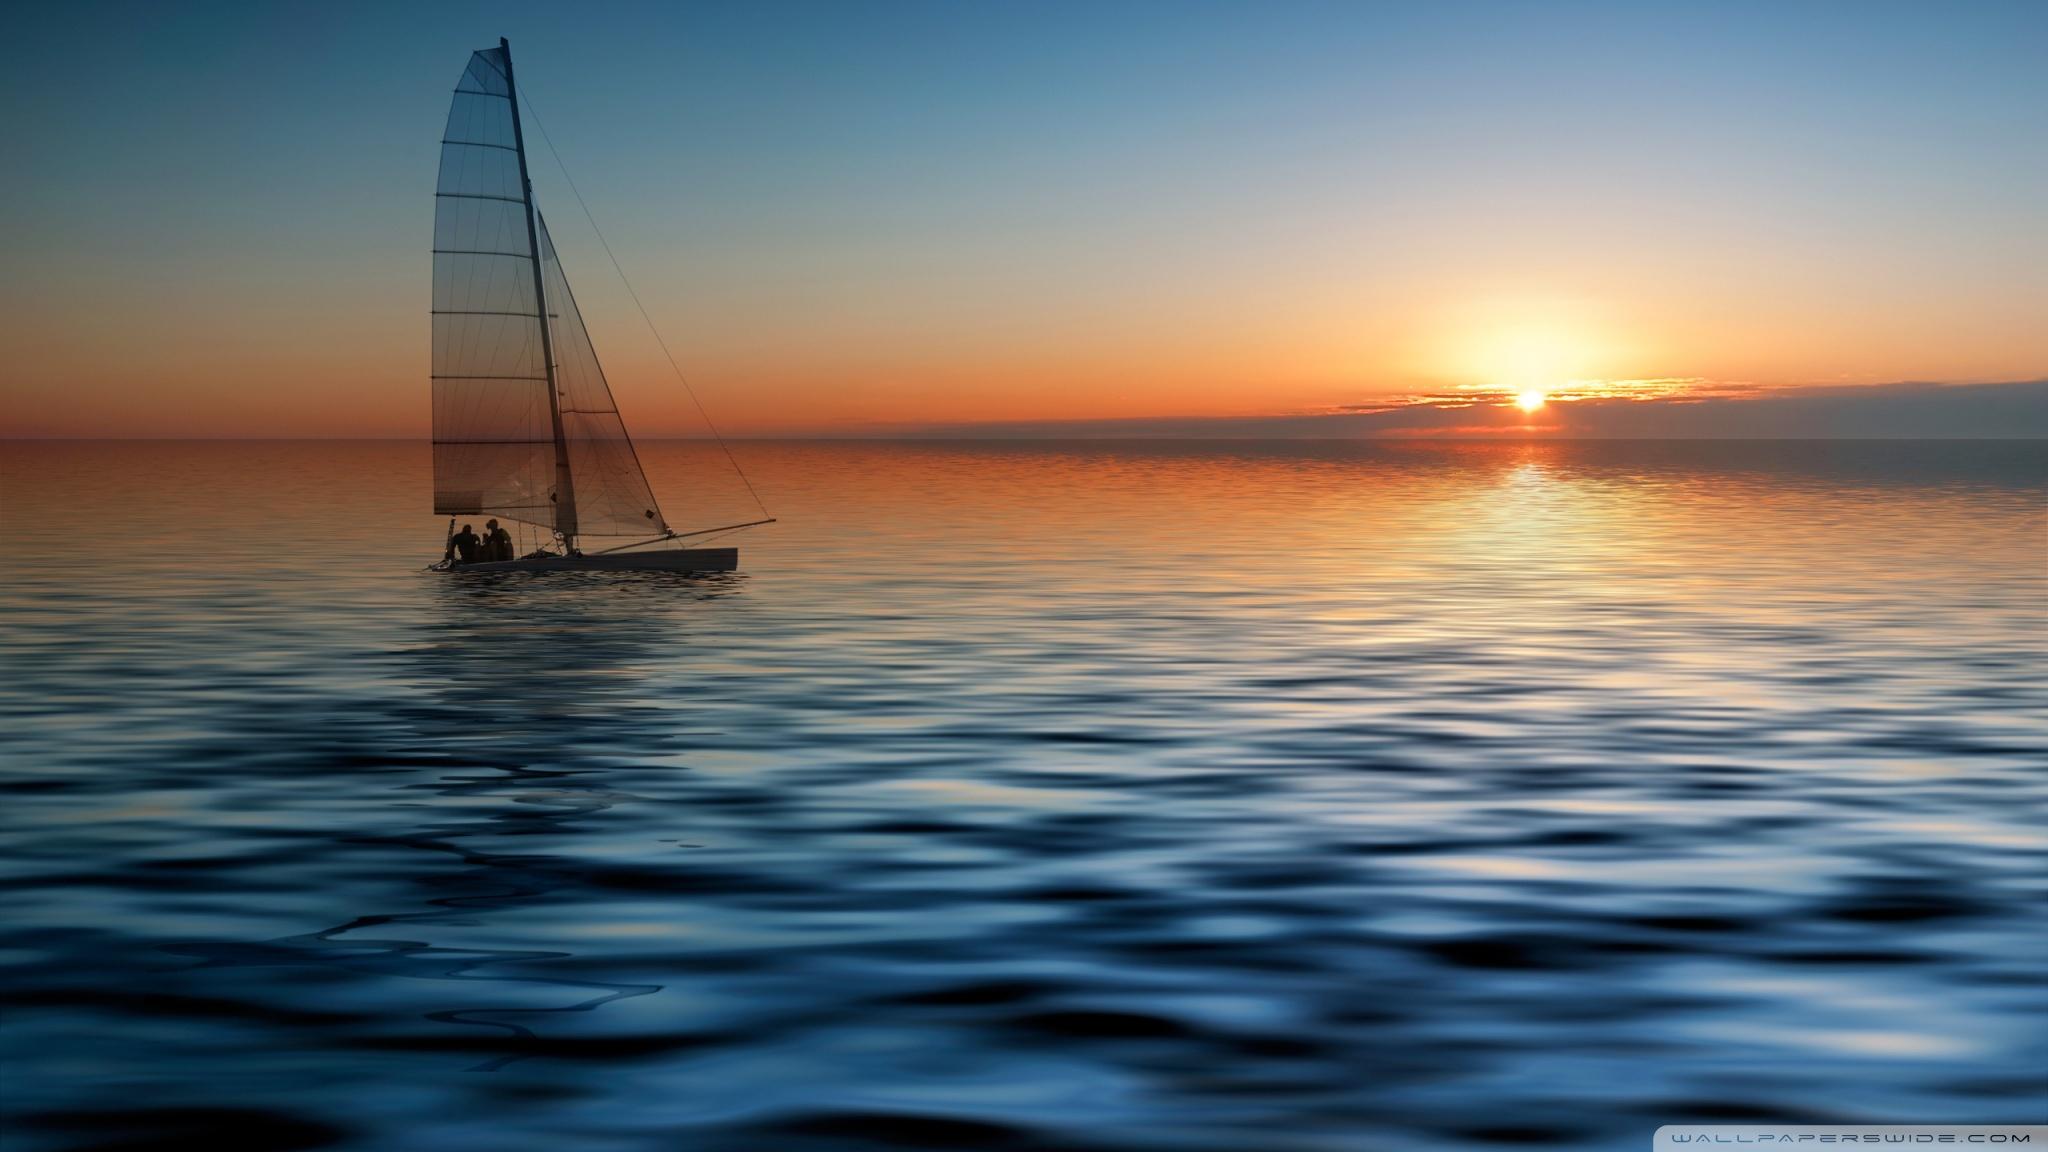 Boat At Sea ❤ 4K HD Desktop Wallpaper for 4K Ultra HD TV • Wide ...